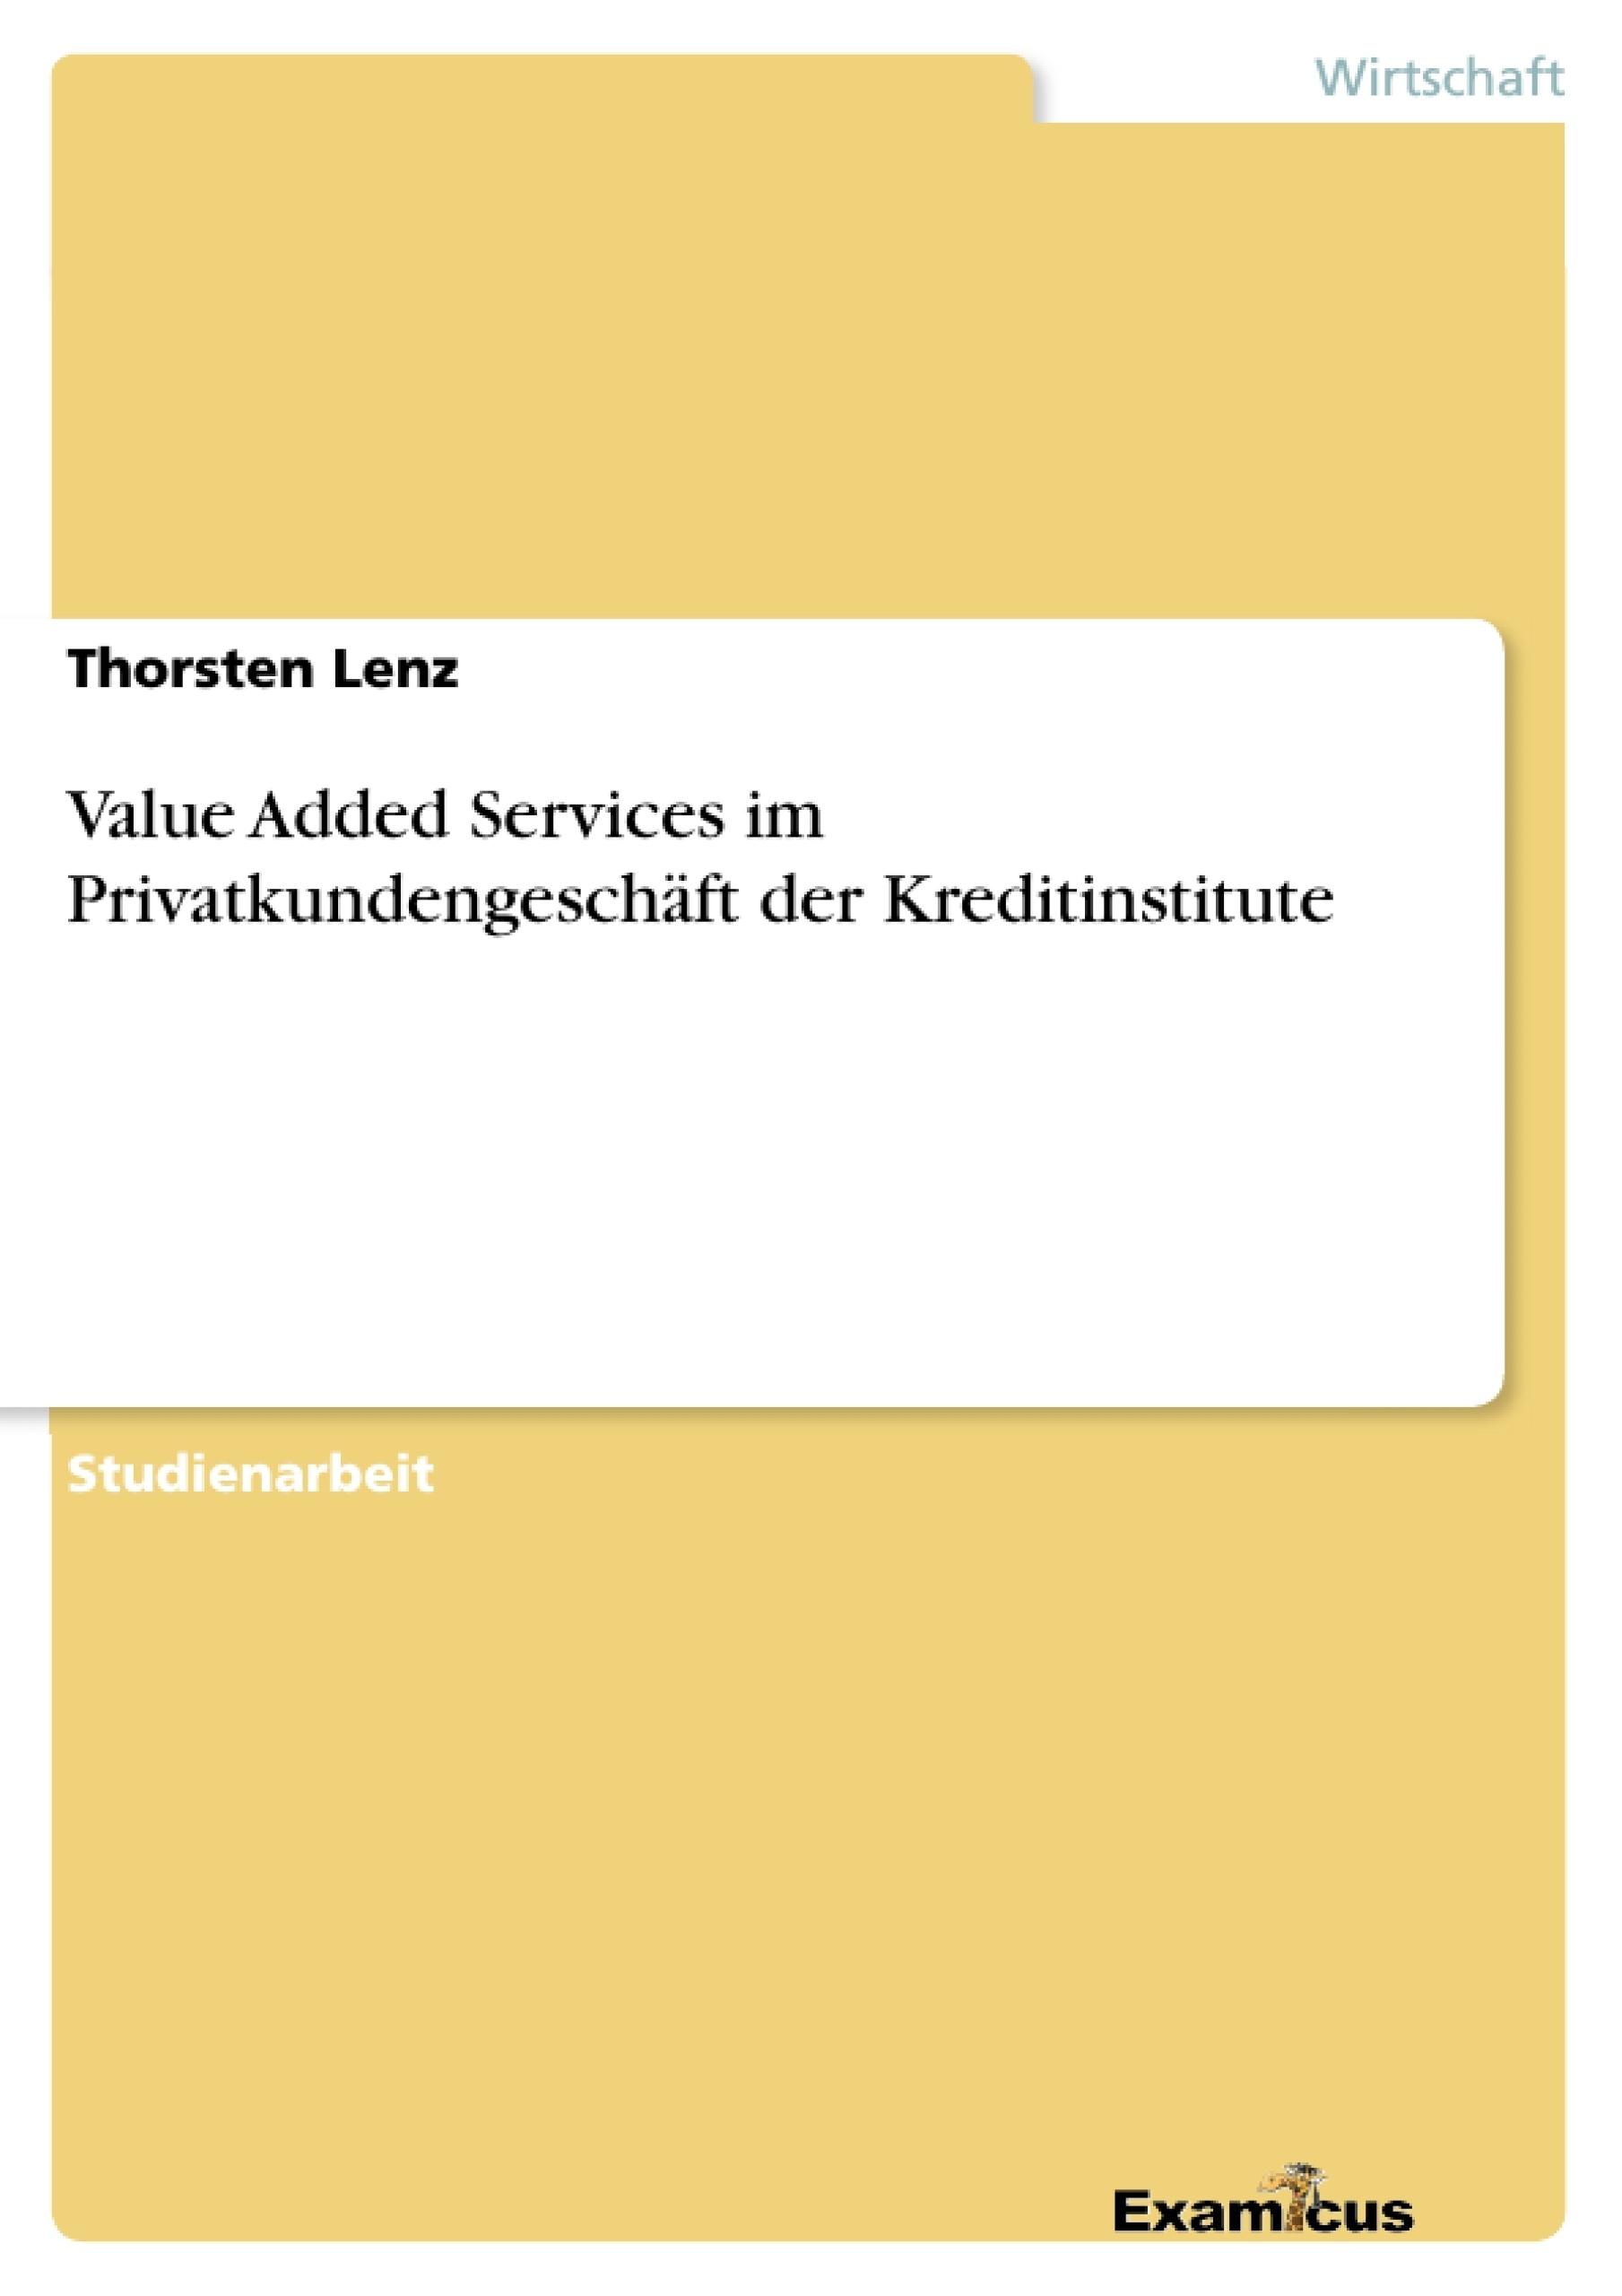 Titel: Value Added Services im Privatkundengeschäft der Kreditinstitute